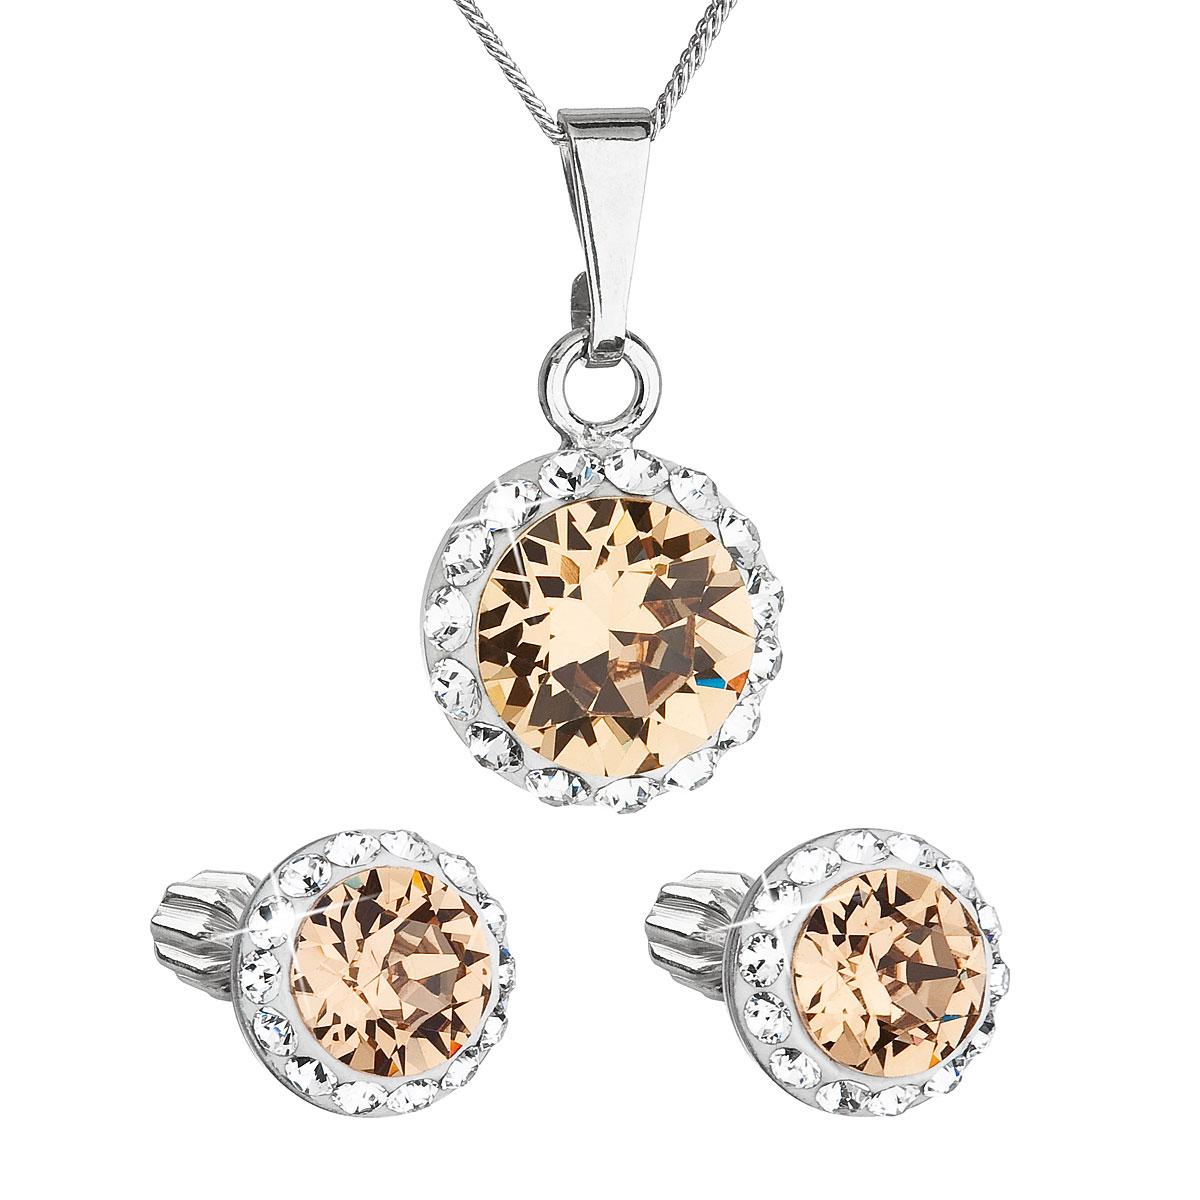 Sada šperkov s krištálmi Swarovski náušnice, retiazka a prívesok hnedé oranžové okrúhle 39352.3 light colorado topaz